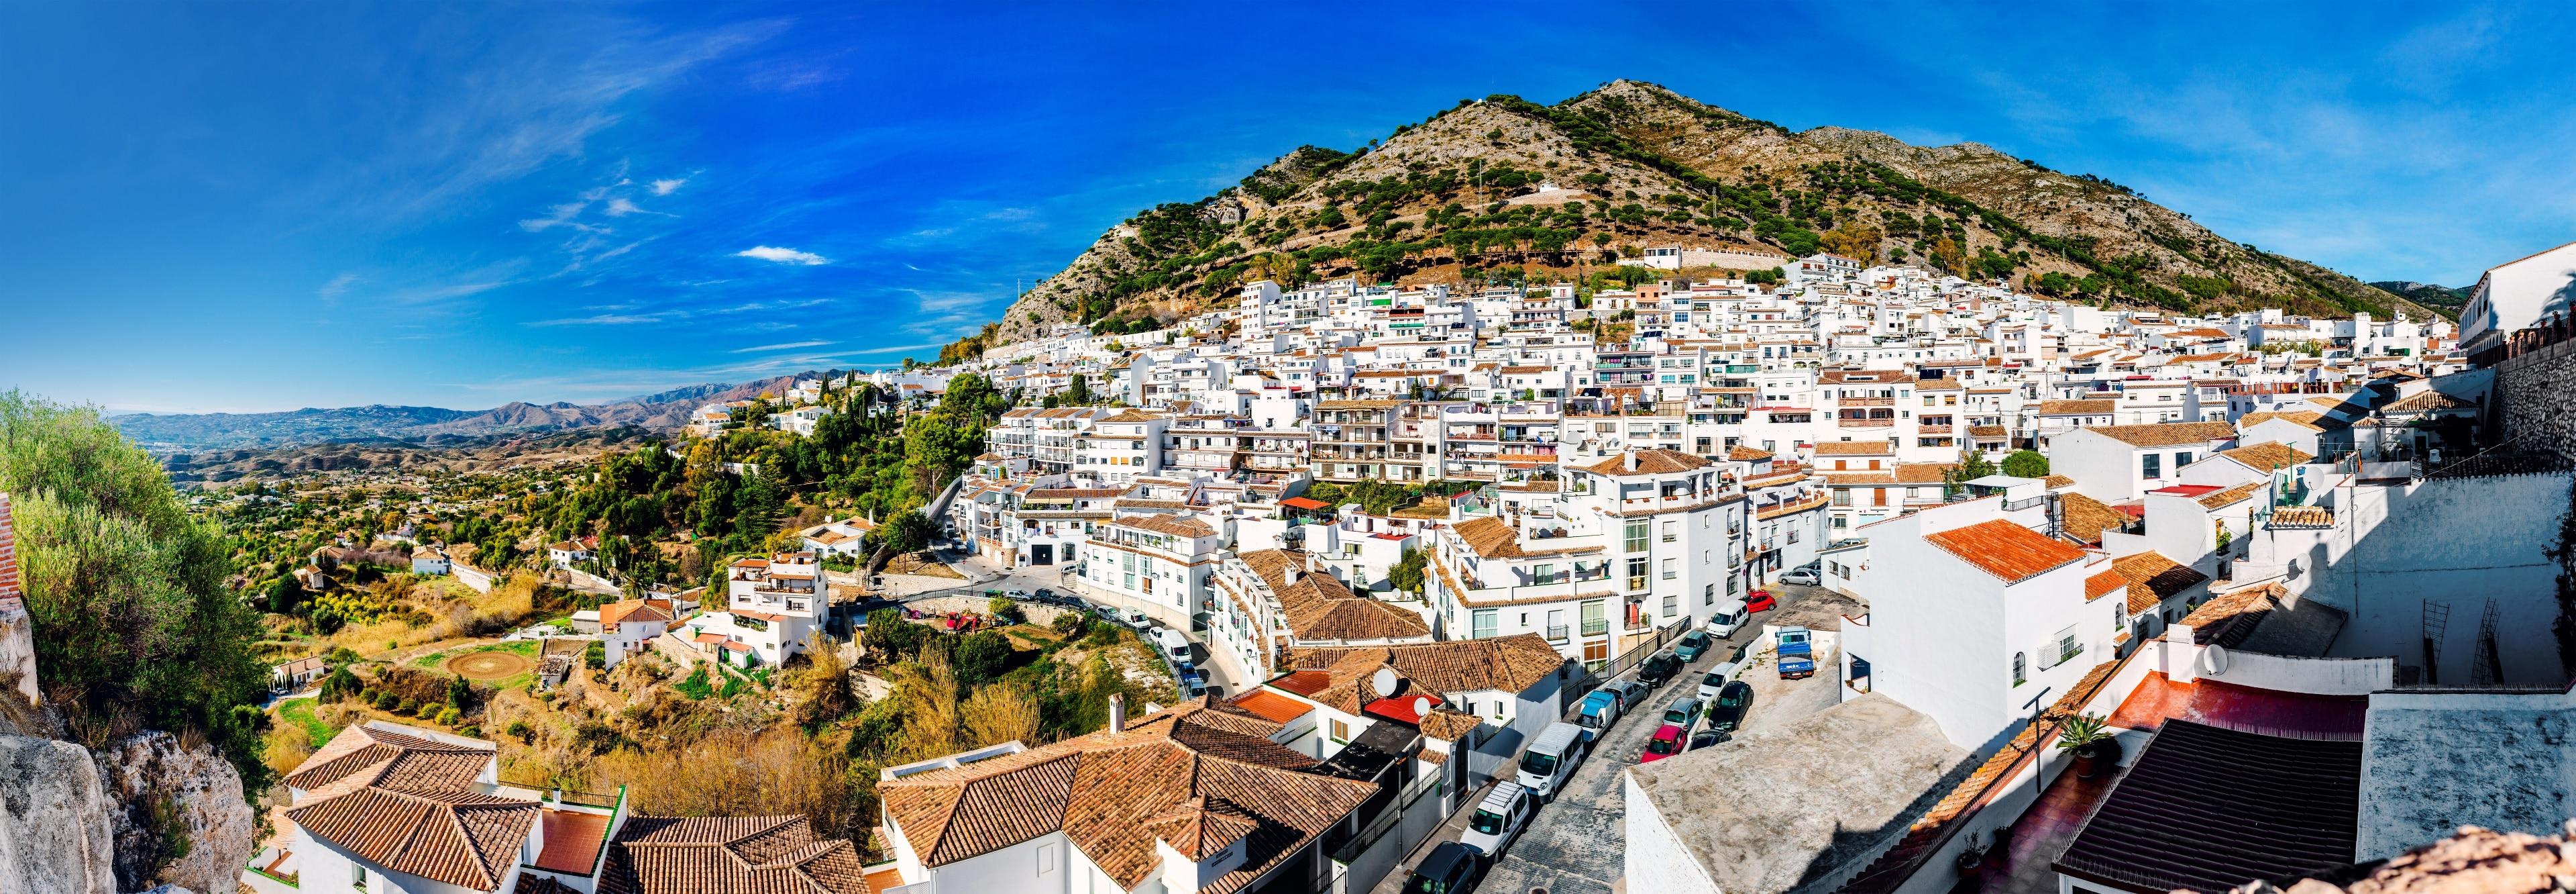 Mijas, Andalusia, Spagna